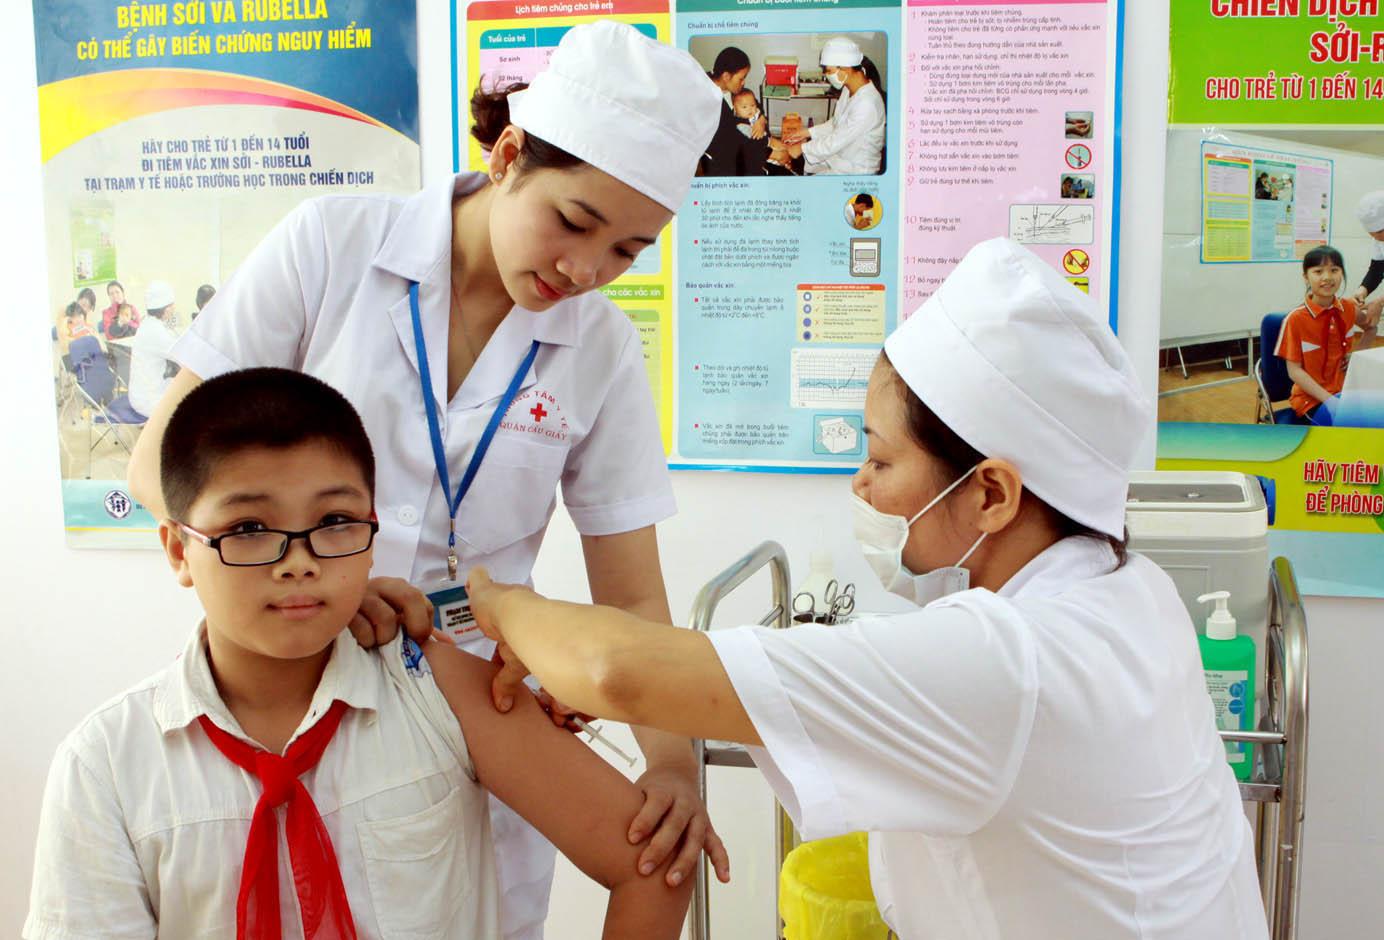 Cúm A/H1N1: Bệnh cúm mùa đang gây nguy hiểm cho nhiều người - Ảnh 4